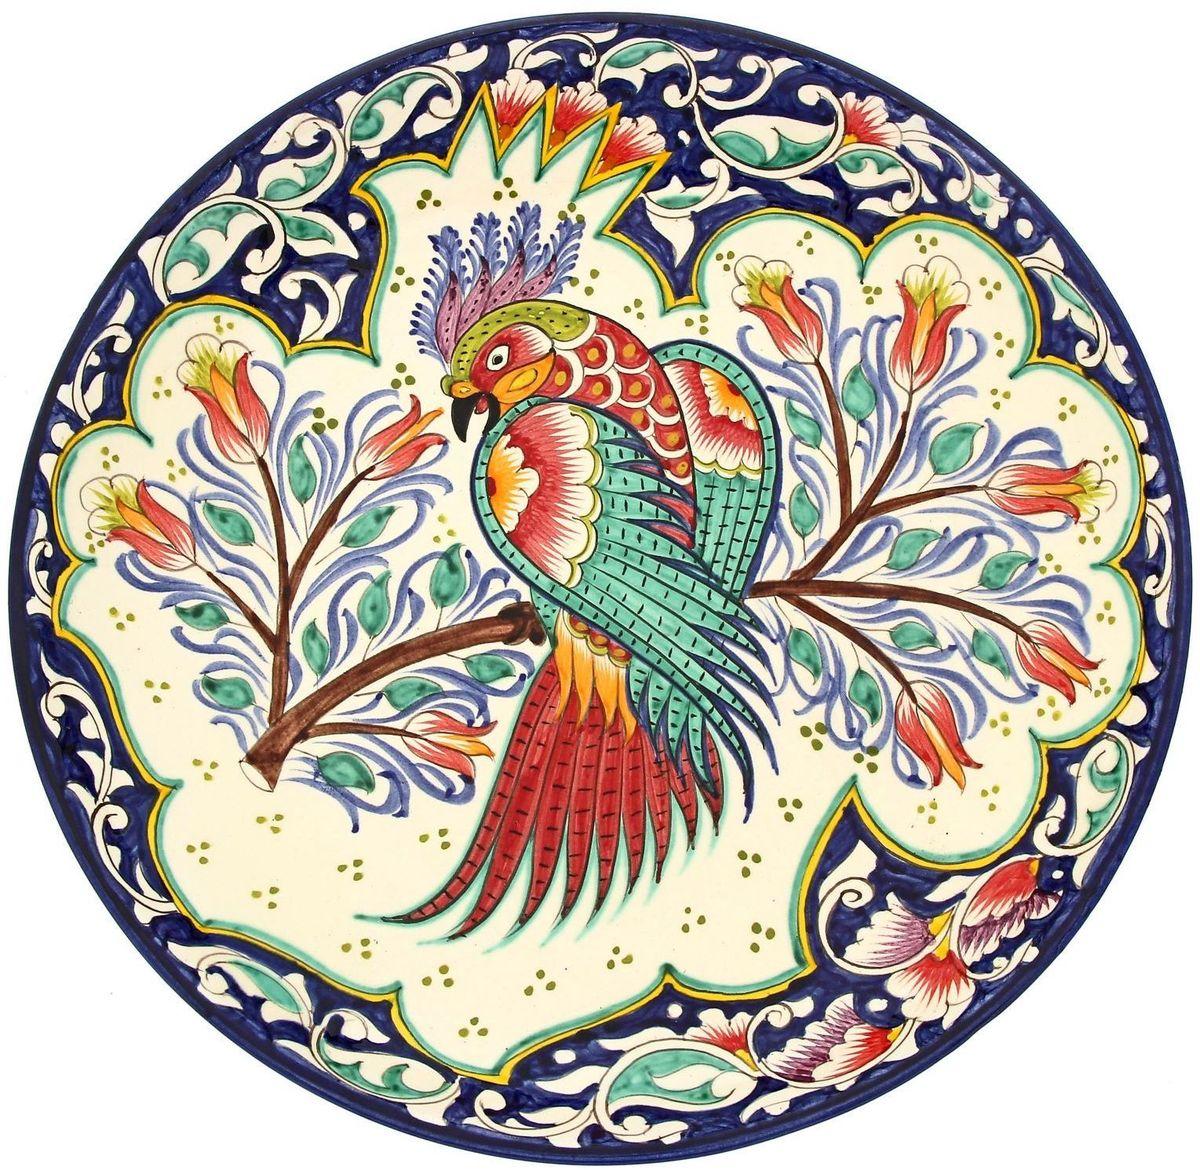 Ляган Риштанская керамика Жар-птица, диаметр 31 см1924233Ляган — это не просто обеденный атрибут, это украшение стола. Посуда с национальной росписью станет отменным подарком для ценителей высокородной посуды.Риштан — город на востоке Узбекистана, один из древнейших в Ферганской долине. С давних времён Риштан славится своим гончарным искусством изготовления цветной керамики. Красноватую глину для изделия добывают в самом городе. Мастера утверждают, что их глина настолько высокого качества, что даже не нуждается в предварительной обработке. Дополните коллекцию кухонных аксессуаров пряными восточными нотами.